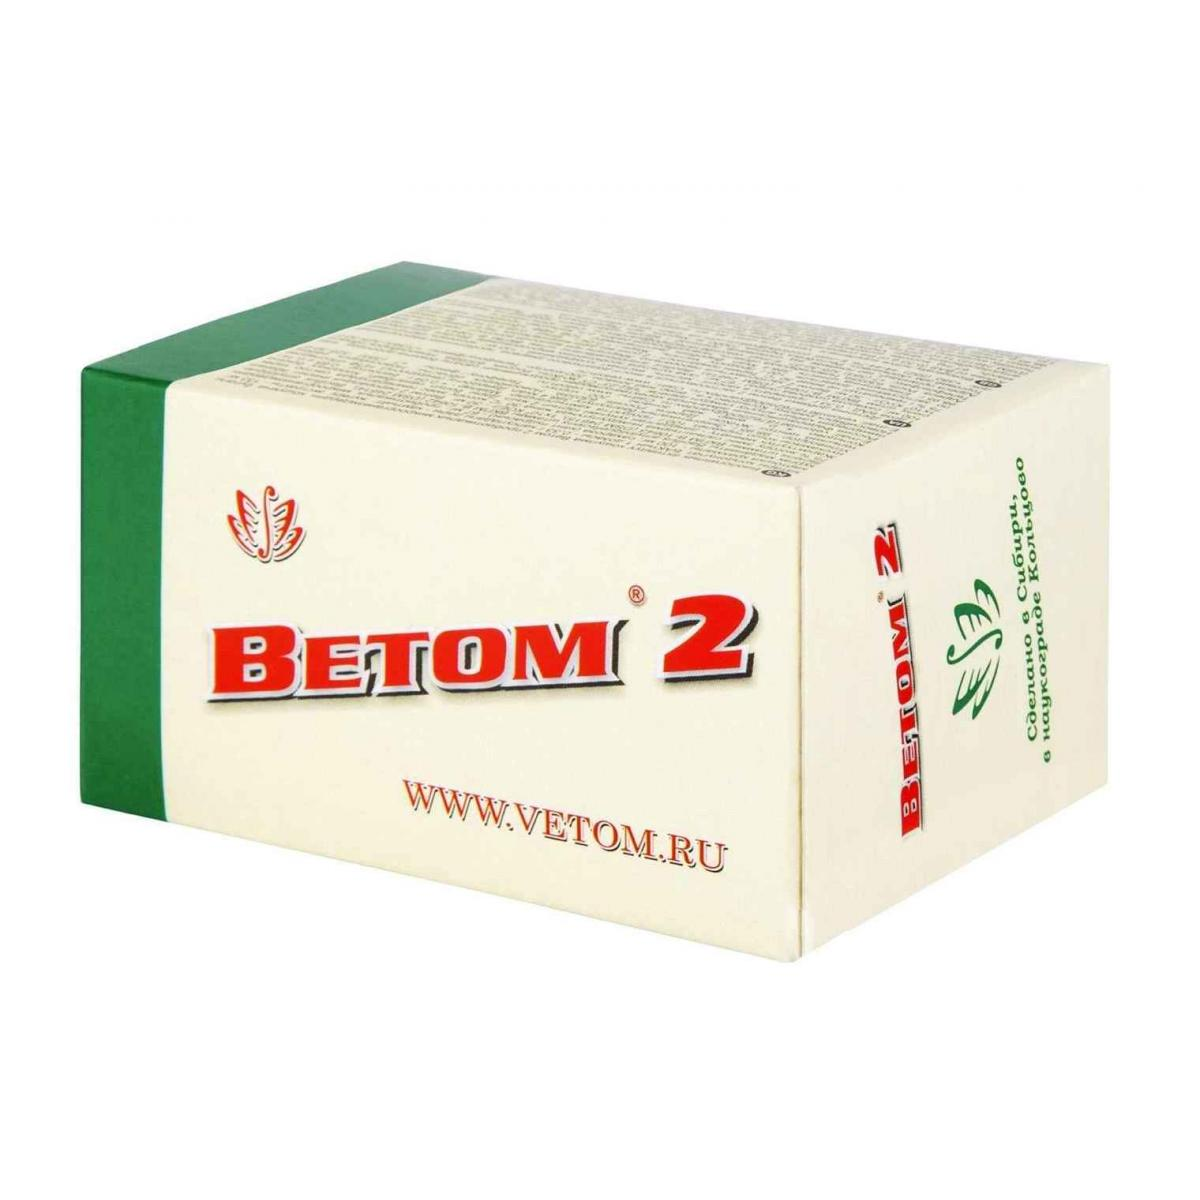 Vetom 2 - biologicky aktívne probiotikum - 50 ks